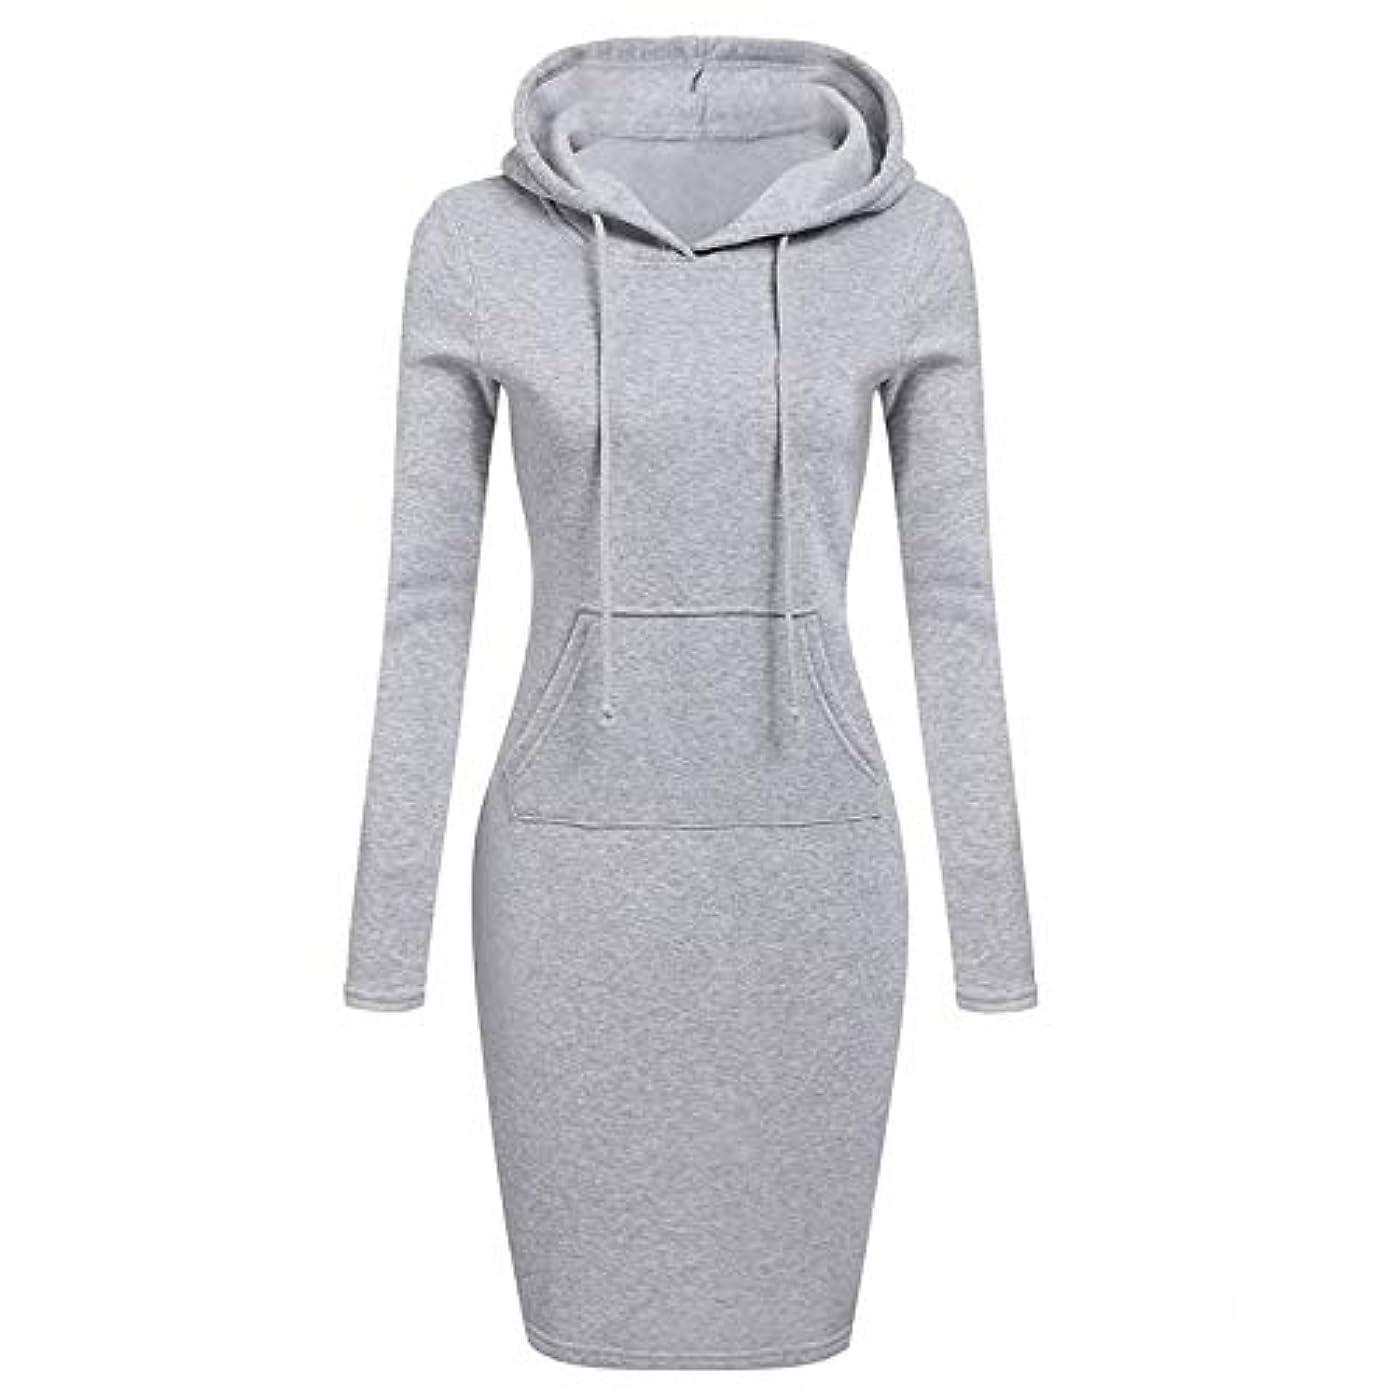 北西スラダムマイコンOnderroa - ファッションフード付き巾着フリースの女性のドレス秋冬はドレス女性Vestidosパーカースウェットシャツドレスを温めます